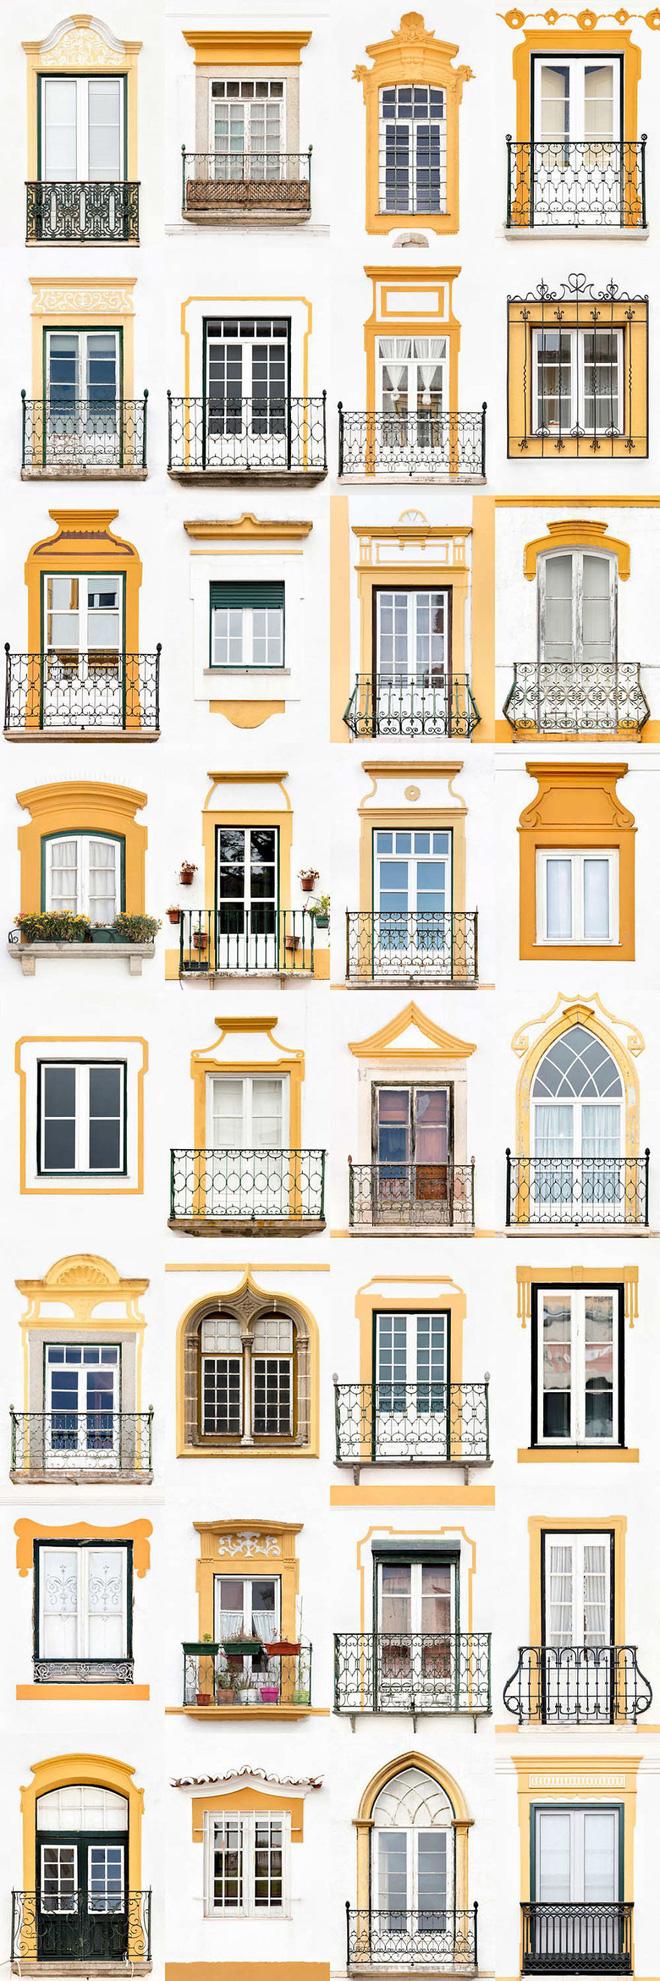 Mãn nhãn với 14 phong cách thiết kế cửa sổ ấn tượng ở Bồ Đào Nha - Ảnh 4.